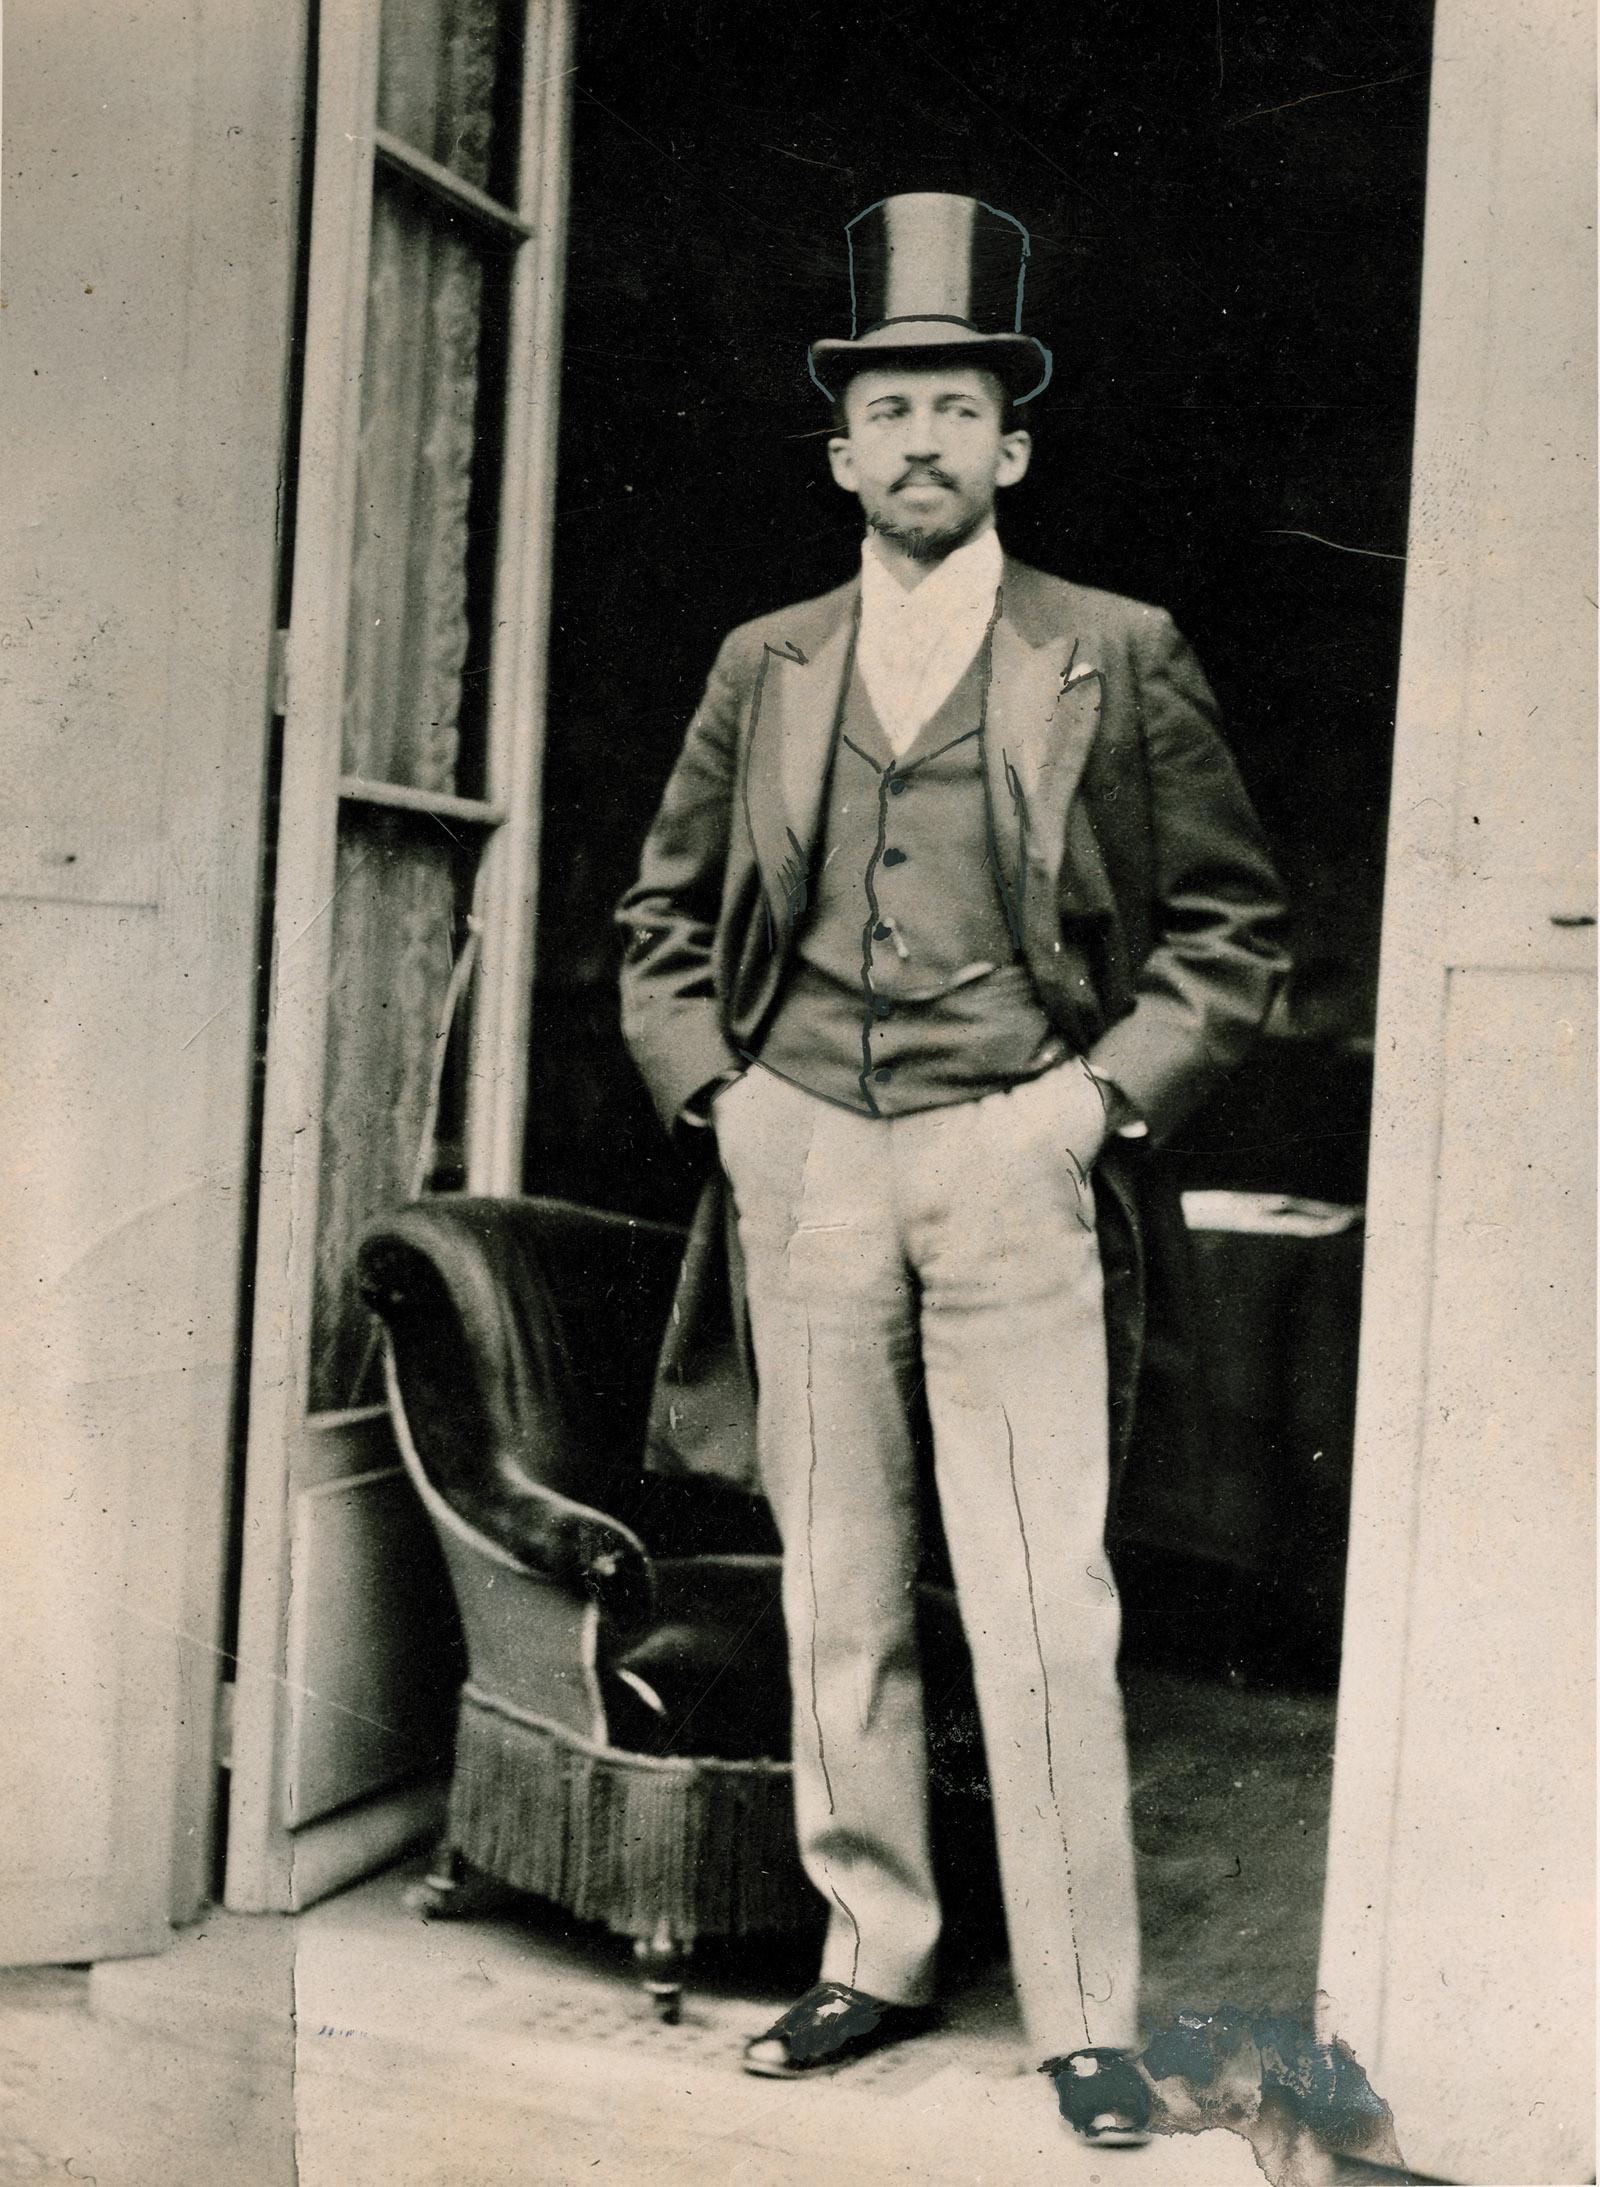 W.E.B. Du Bois at the Paris Exposition, 1900